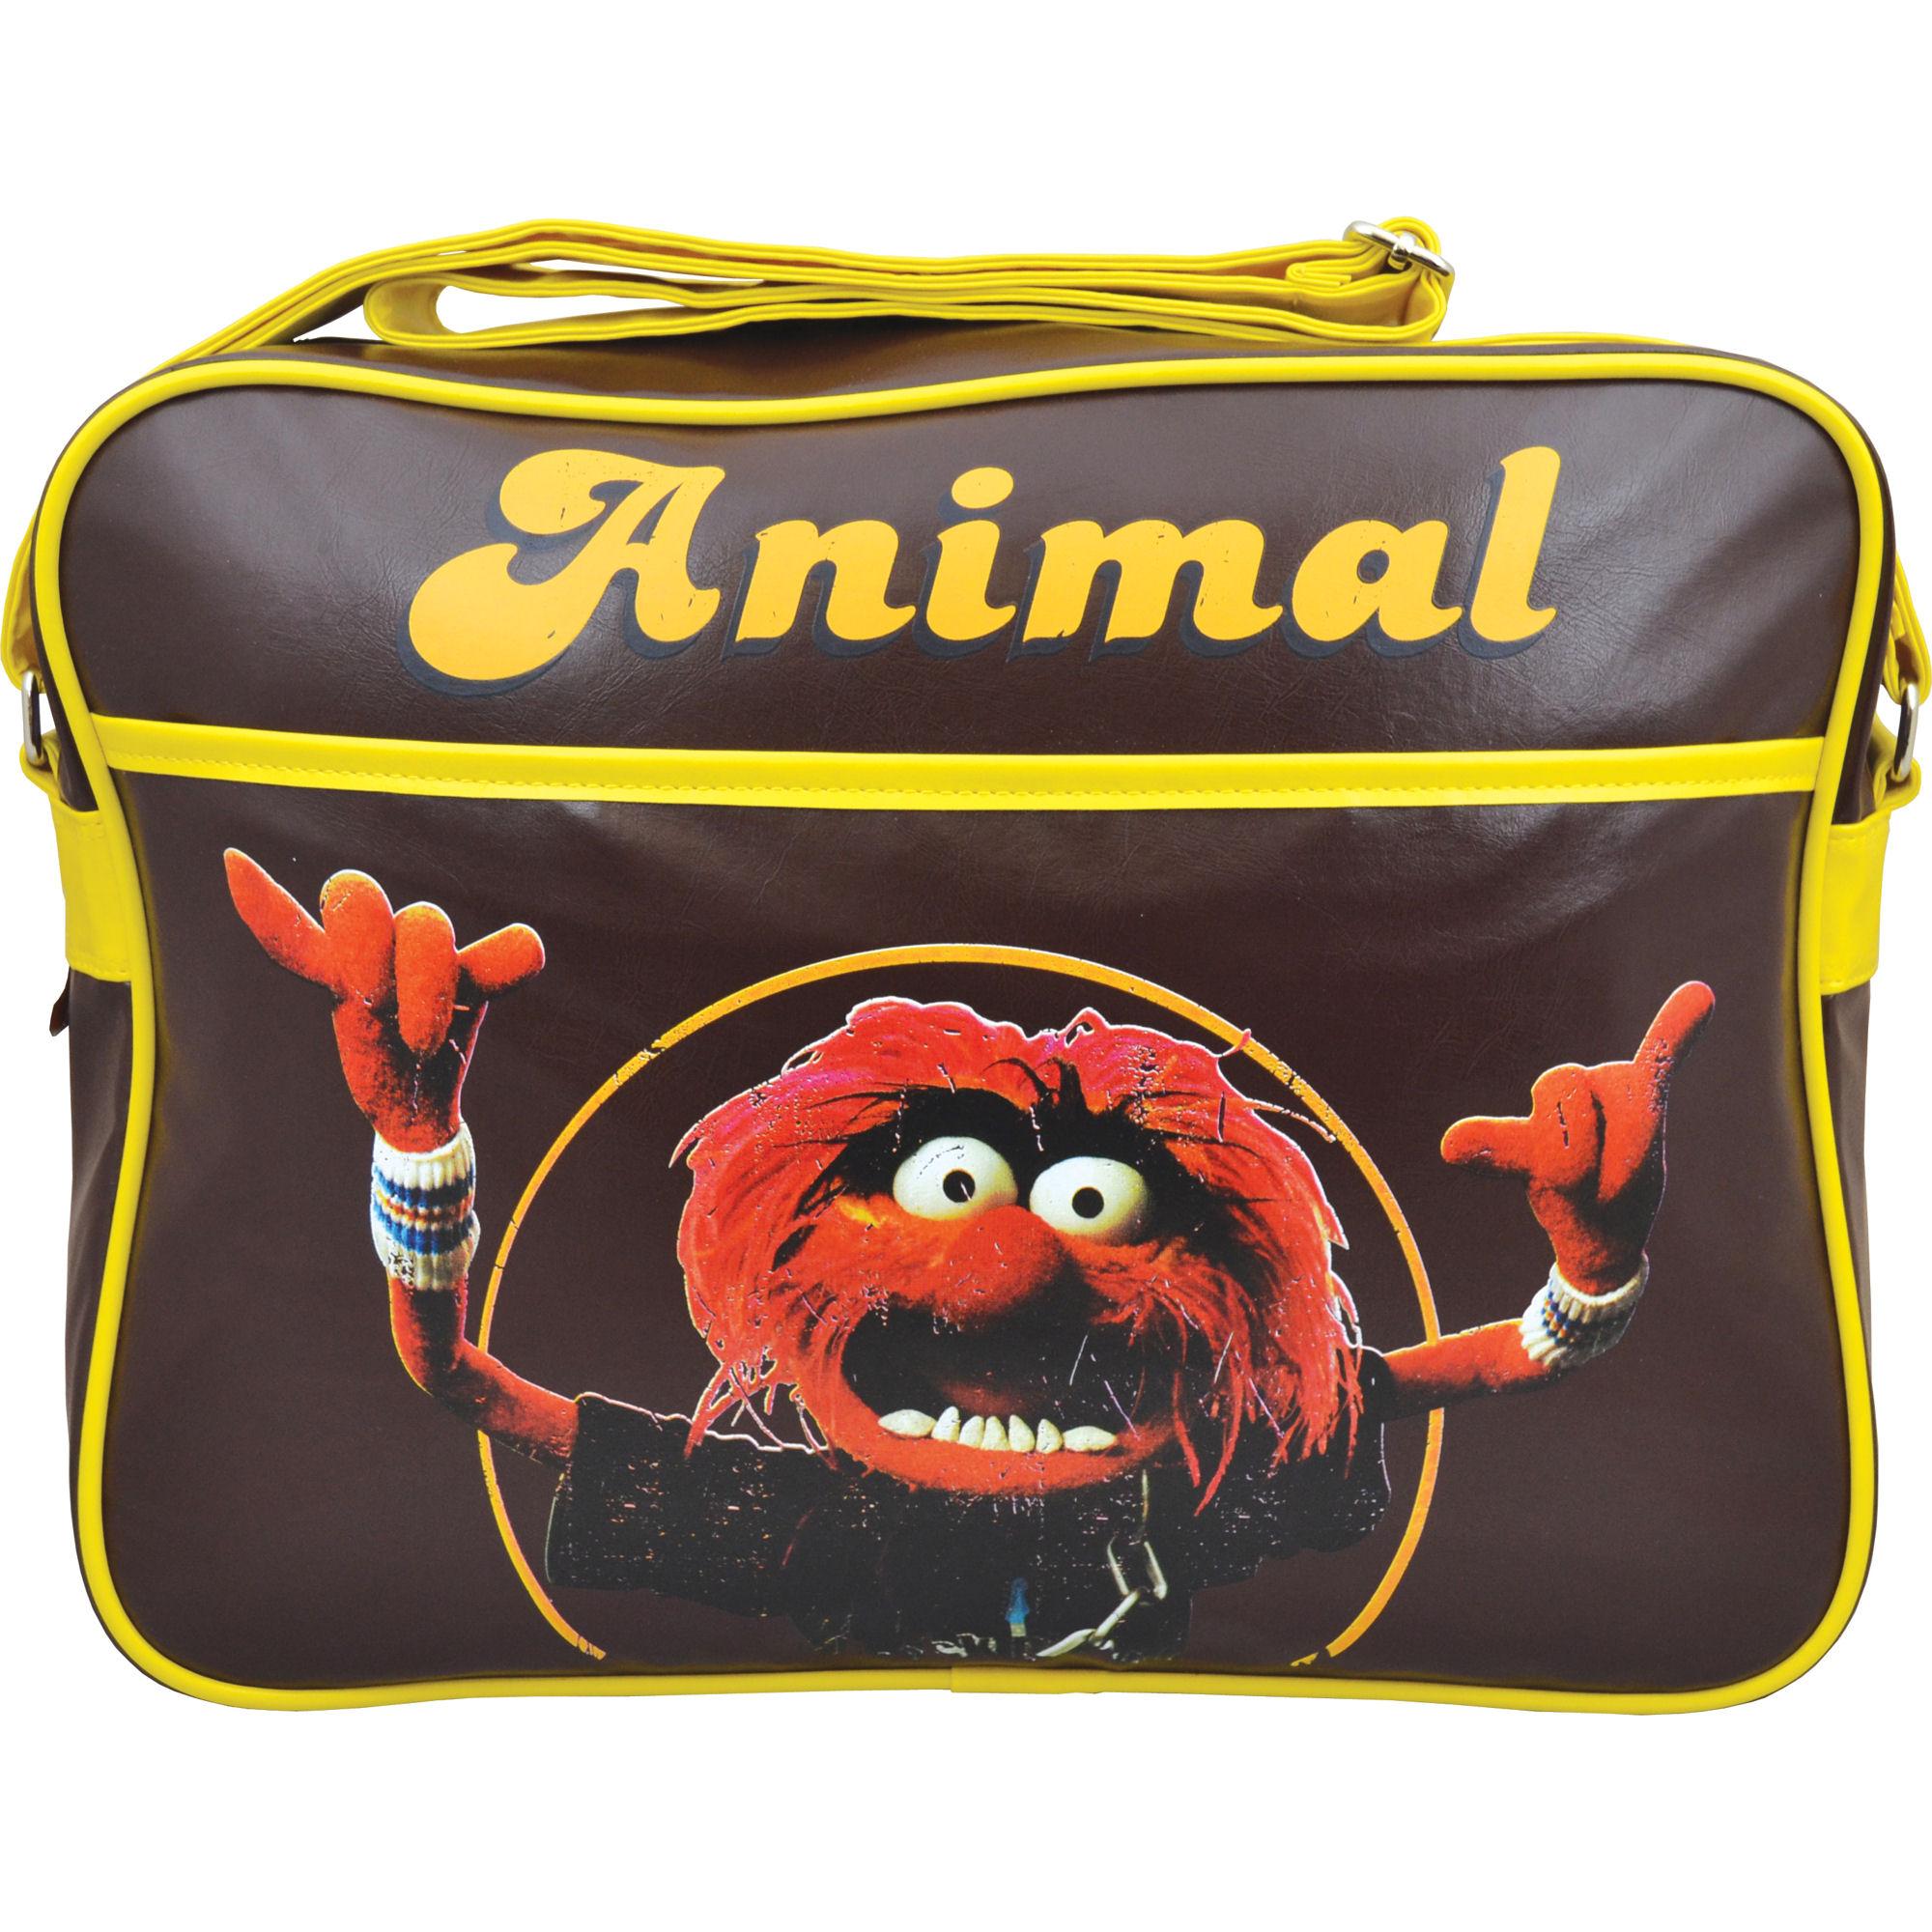 Animal Shoulder Bag 76